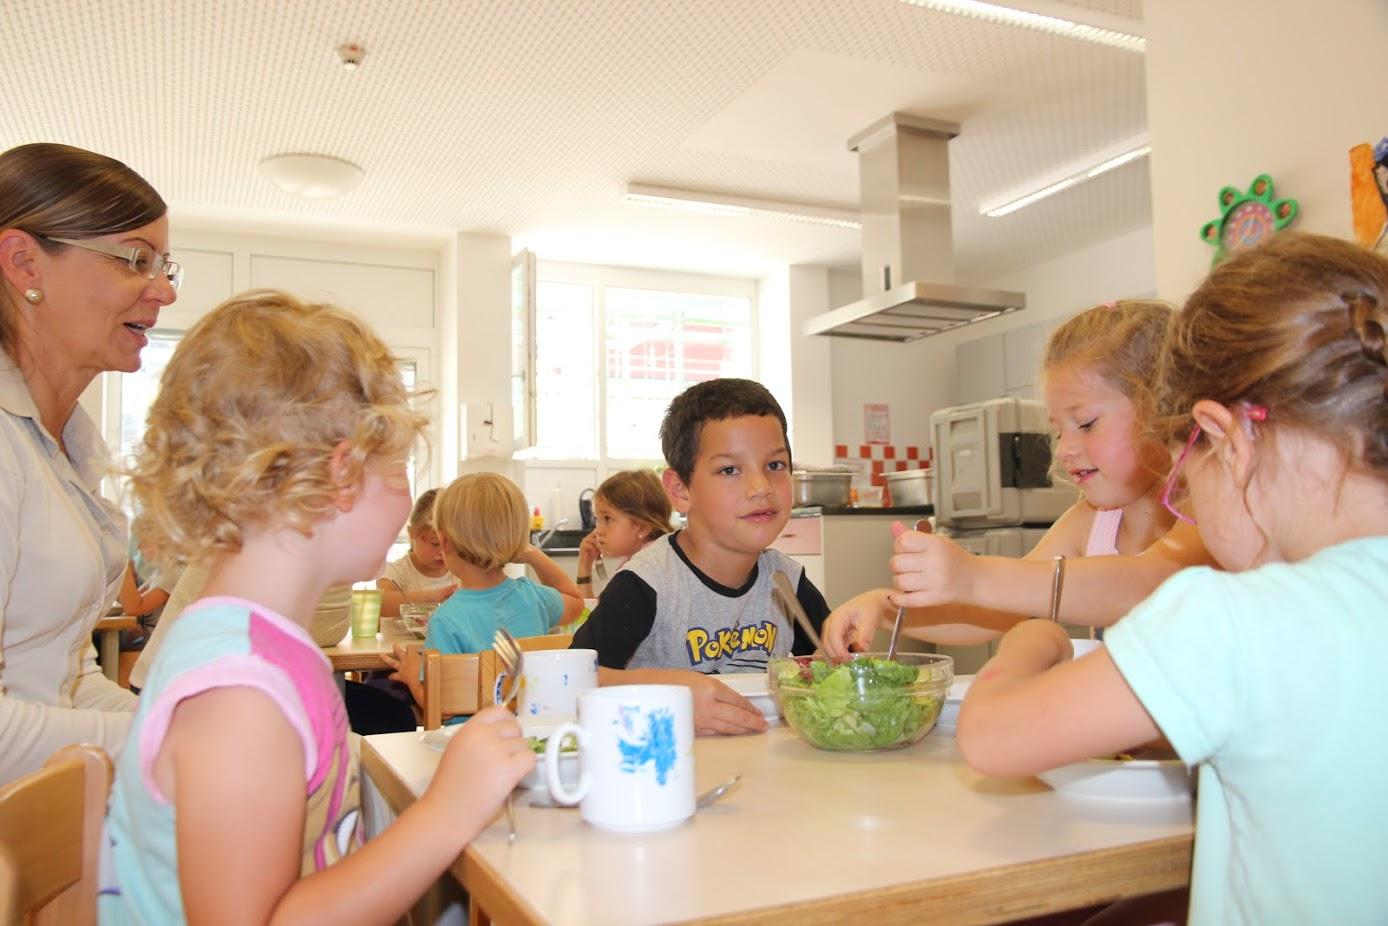 Den Kita-Kindern schmeckt das Essen ausgezeichnet. Auch Eltern loben den abwechslungsreichen Speiseplan sehr.